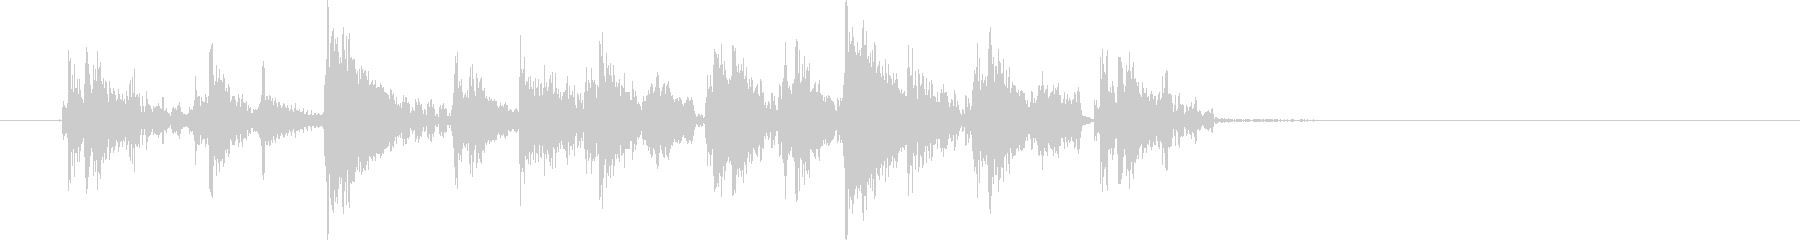 ズンチャピピピピドン(高音の機械音)の未再生の波形